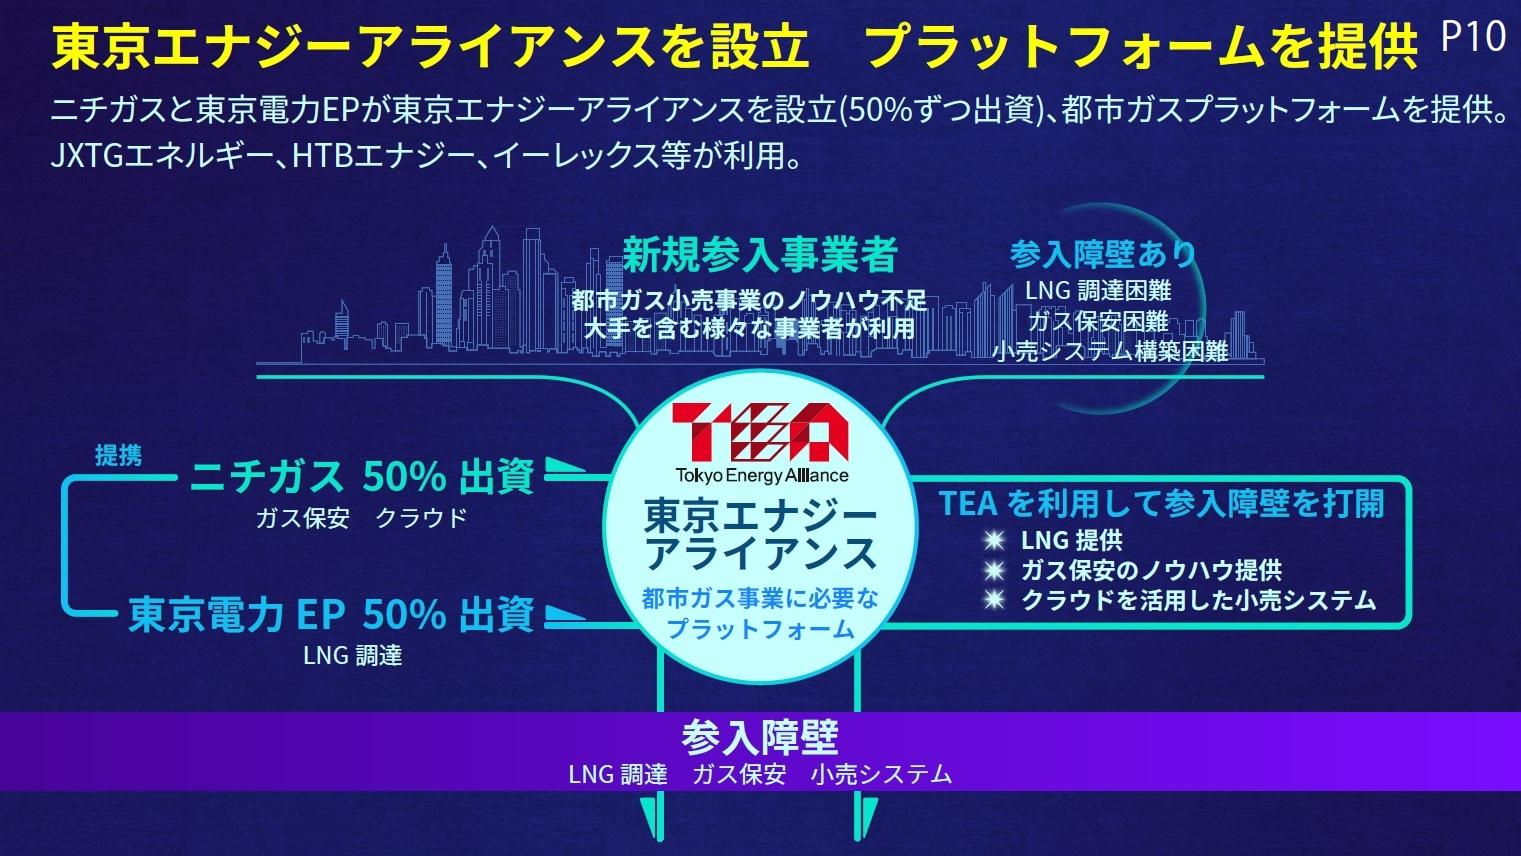 「東京エナジーアライアンス」の概要 (出所:日本瓦斯、以下同)